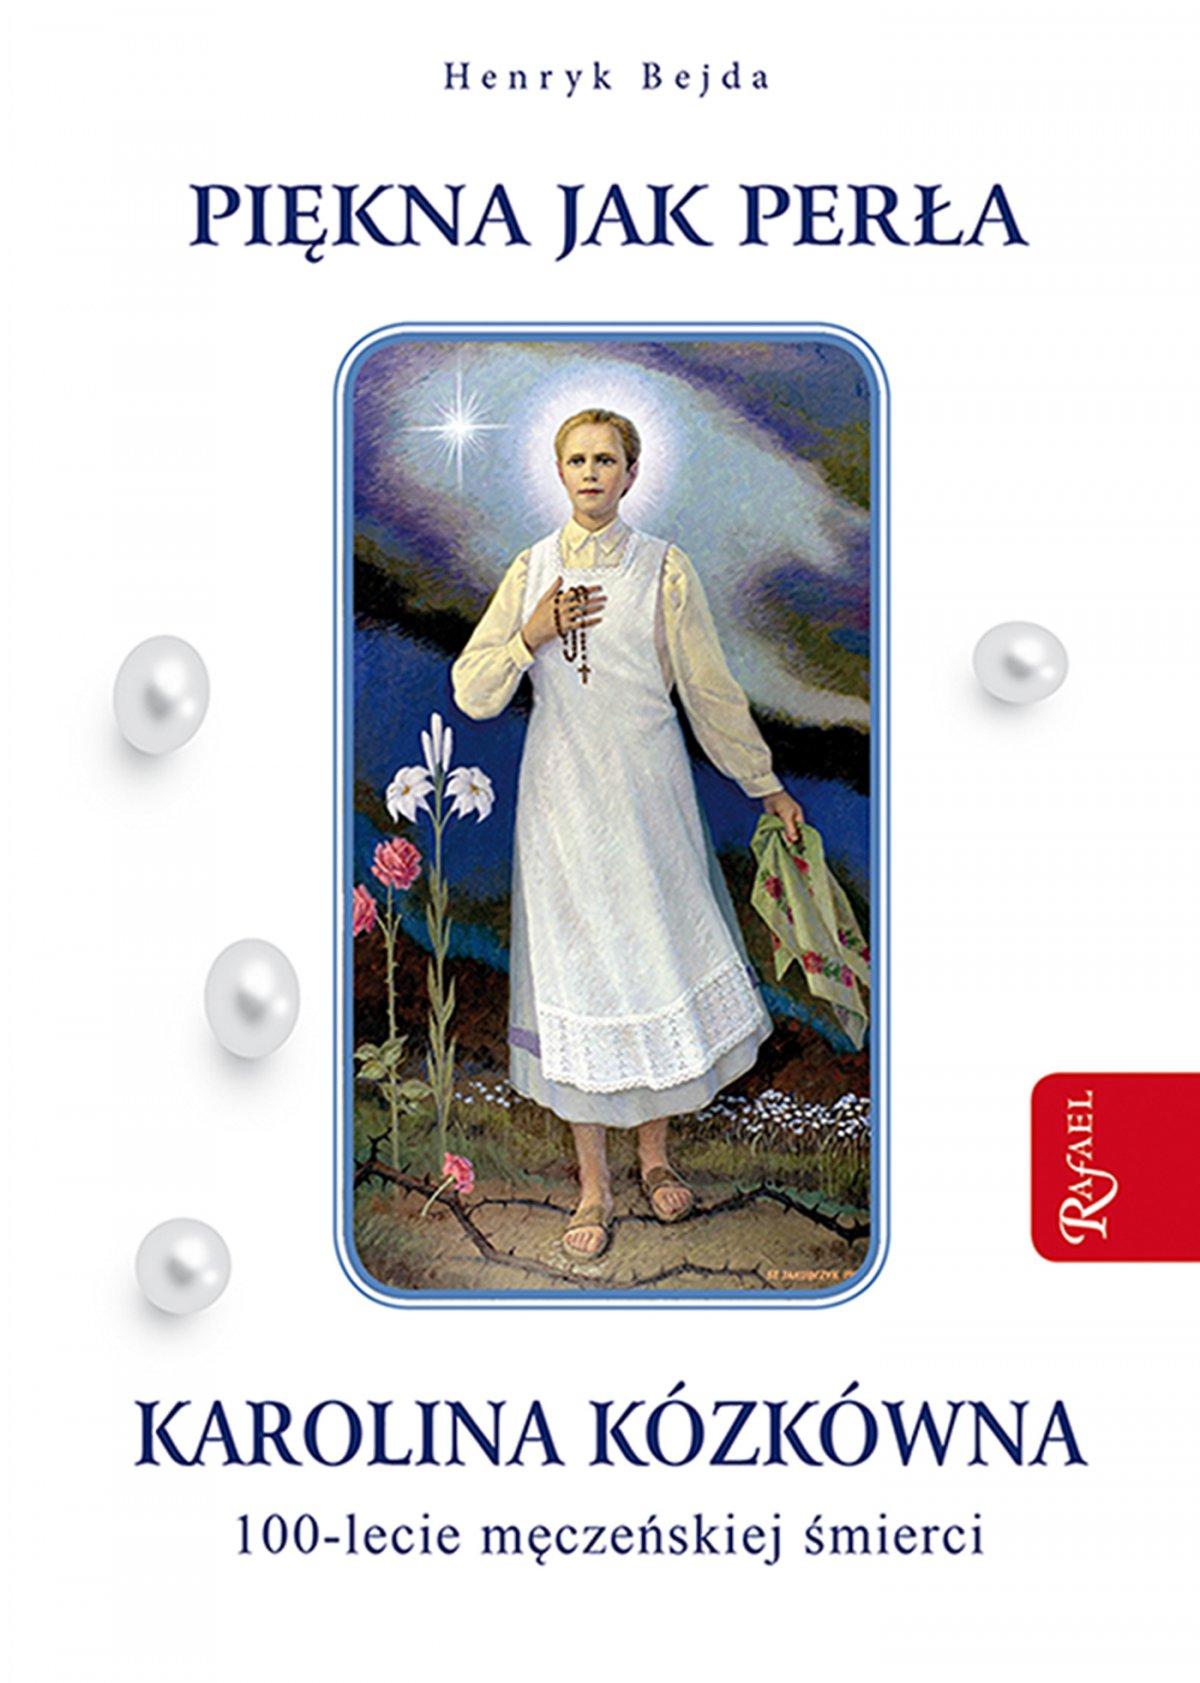 Piękna jak perła. Karolina Kózkówna - Ebook (Książka PDF) do pobrania w formacie PDF